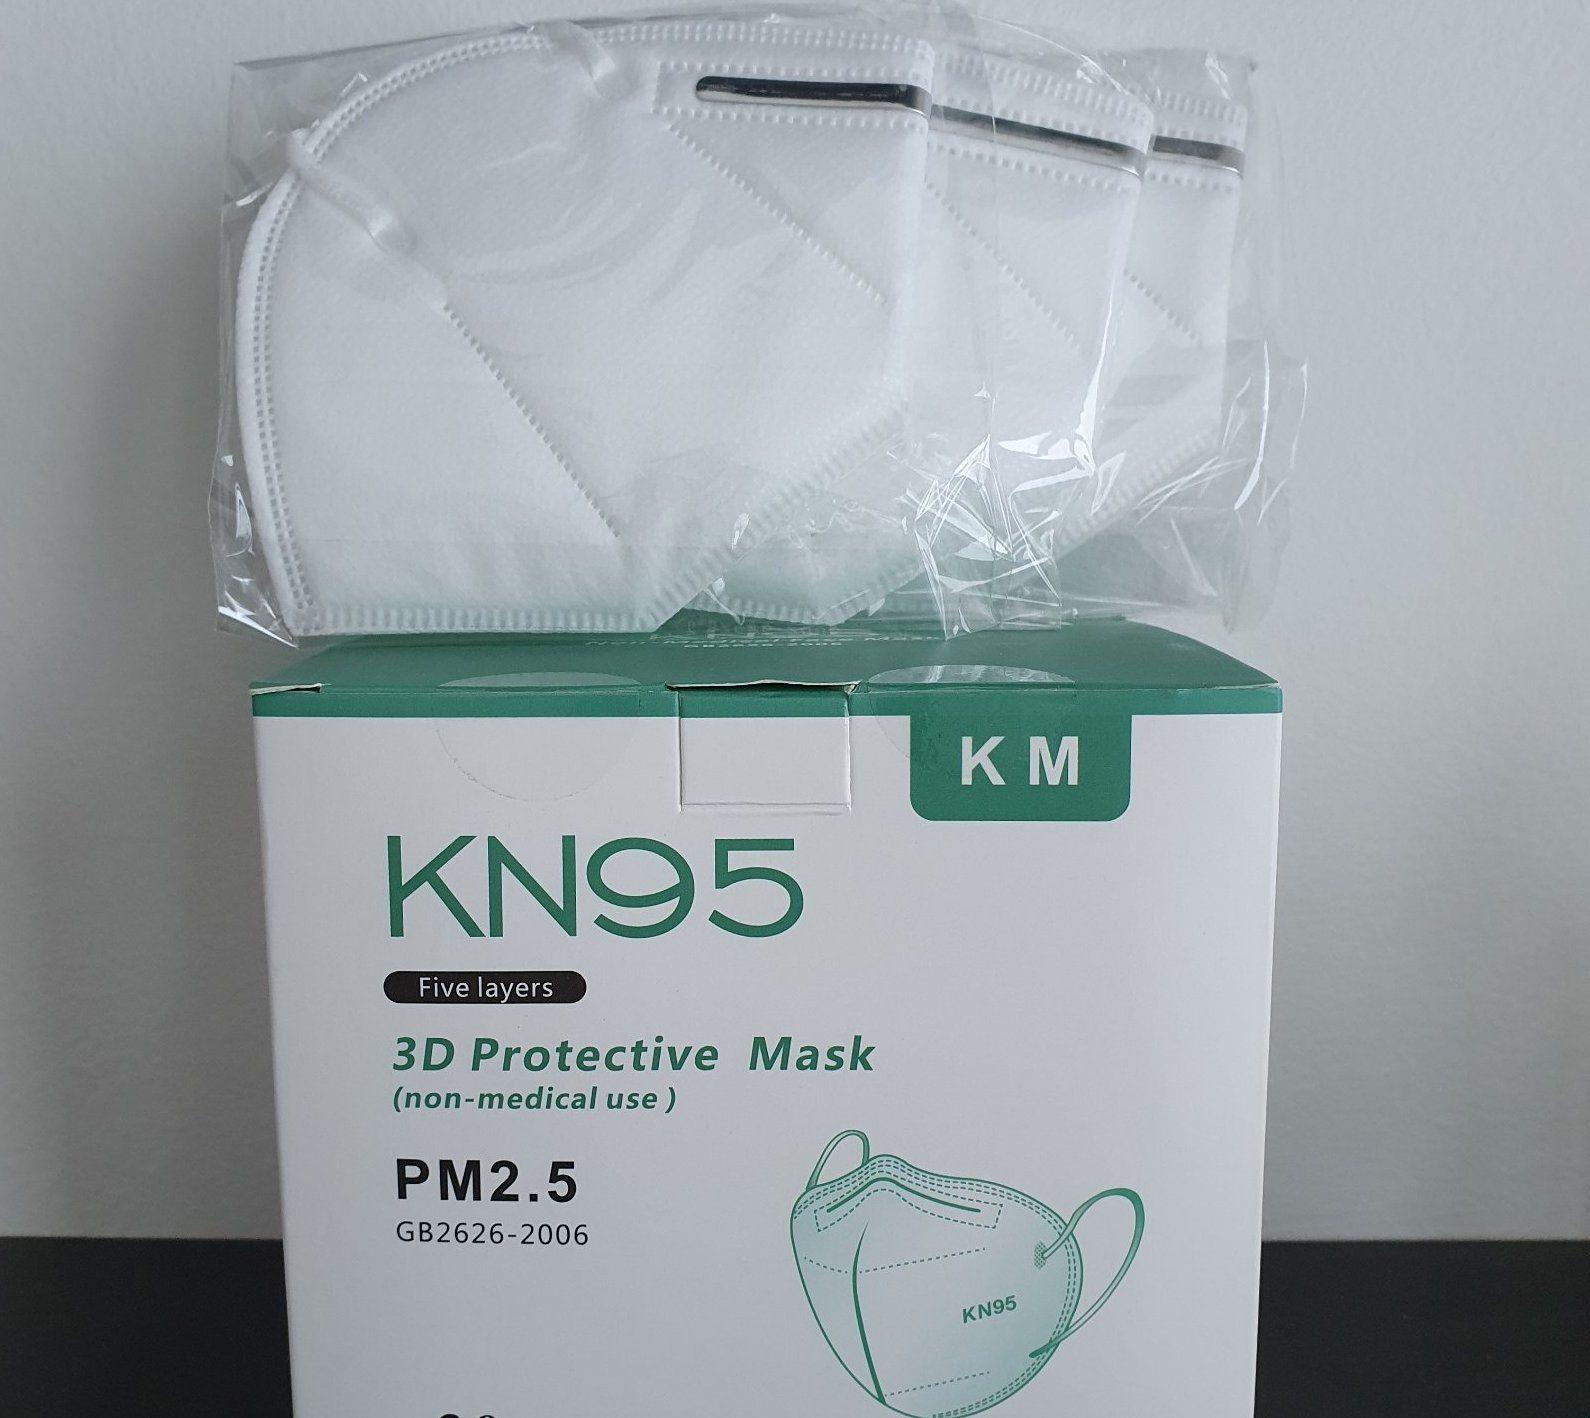 Dok Nacionalni stožer razmišlja o blažim mjerama, u Austriji od jučer FFP2 maske obvezne